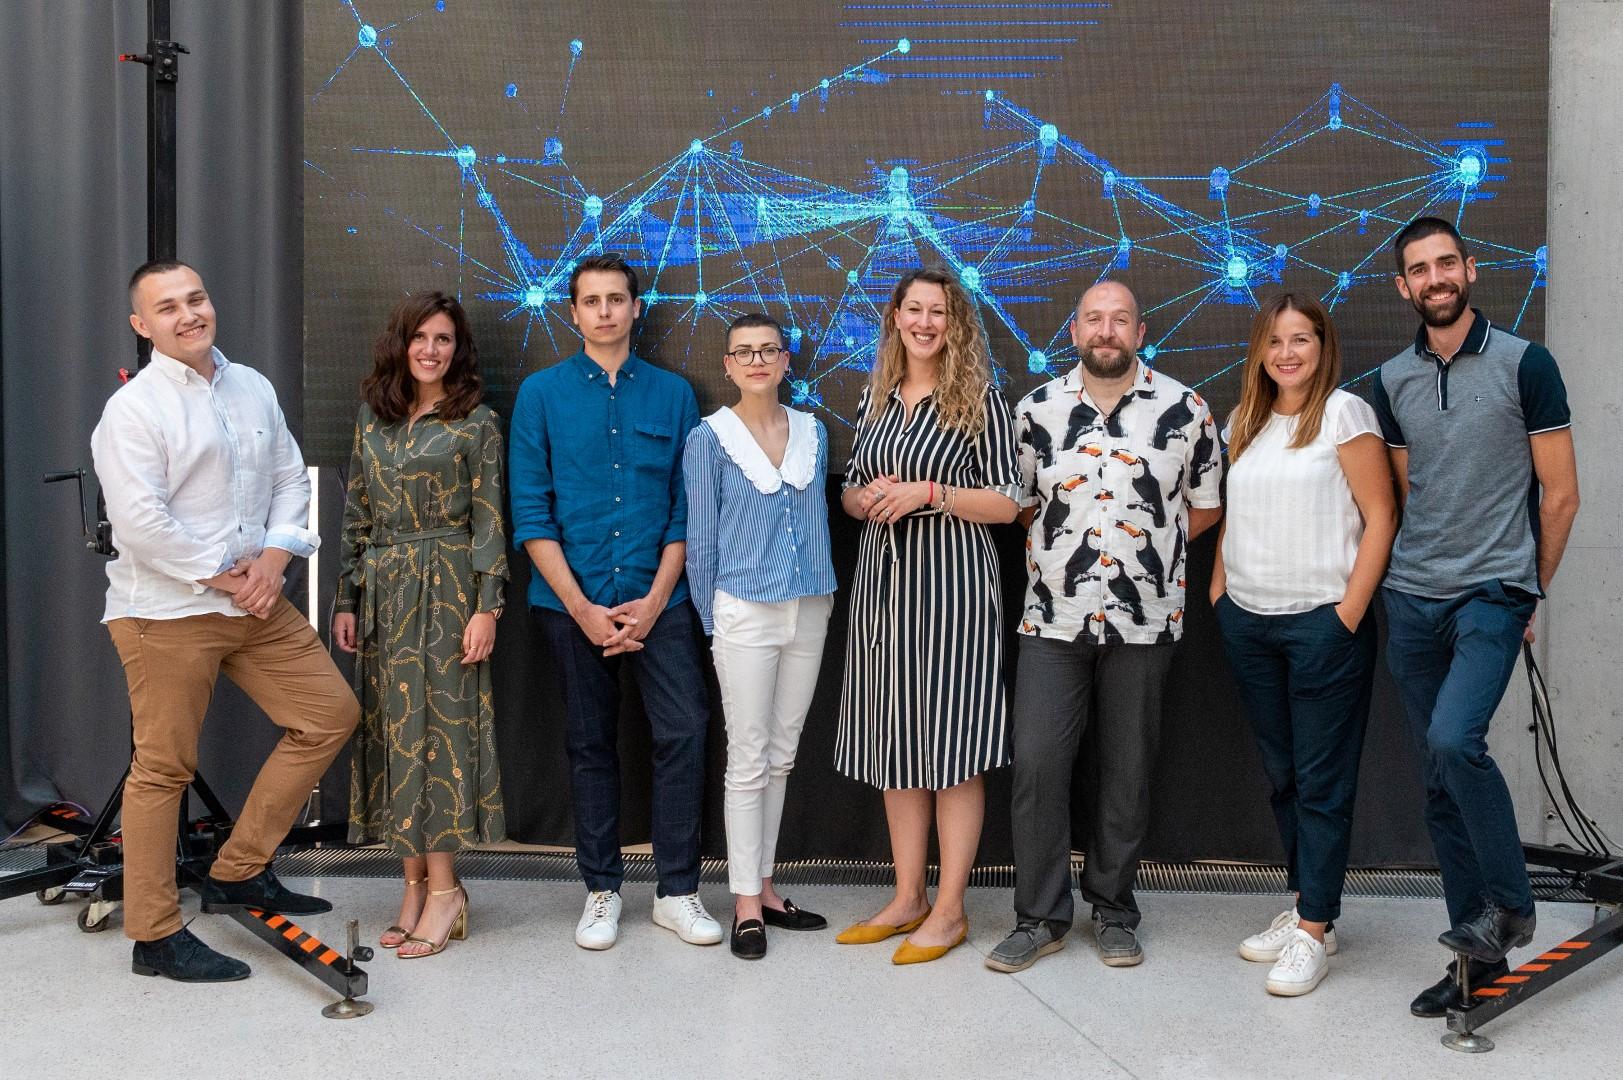 Završen prvi Trokutov inkubatorski program - nagrada od 100 tisuća kuna podijeljena pobjednicima